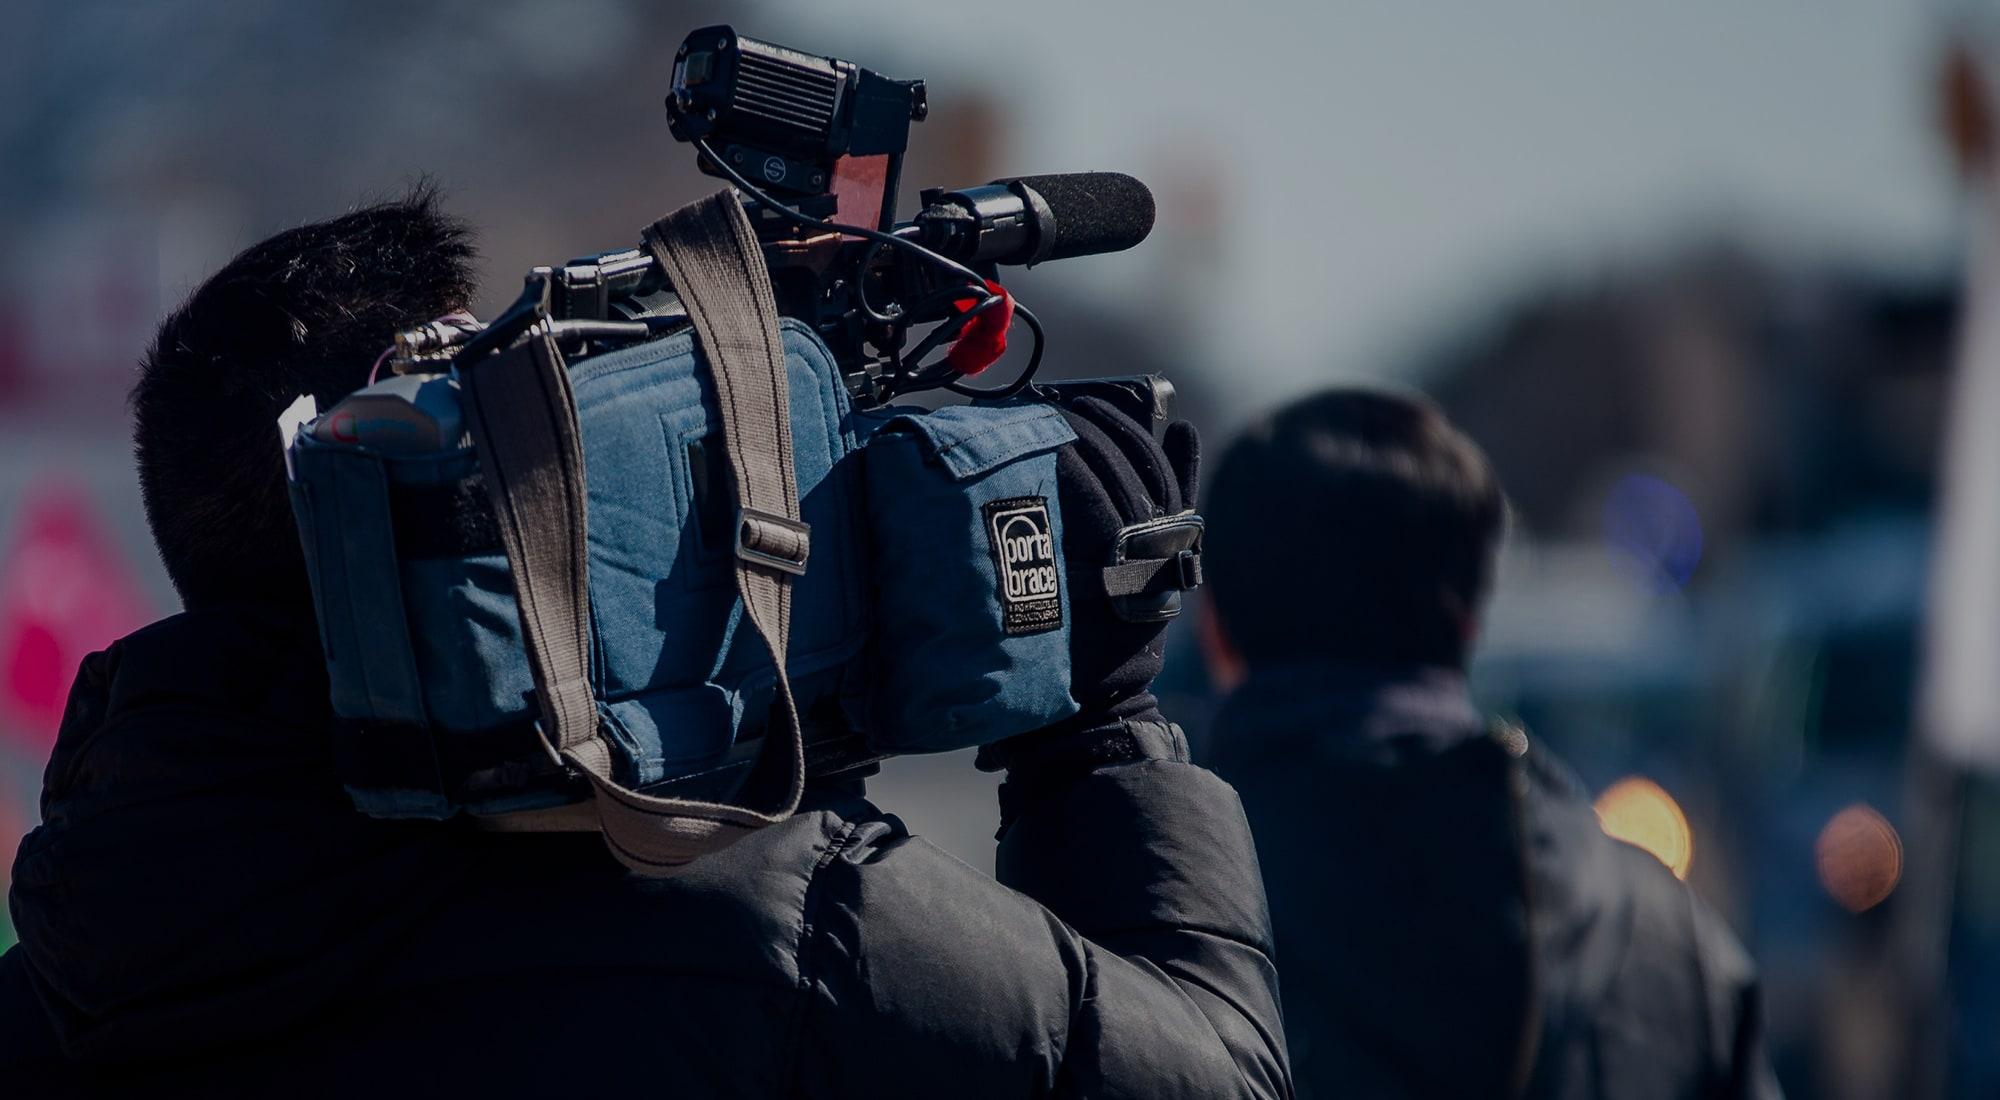 news media cameraman